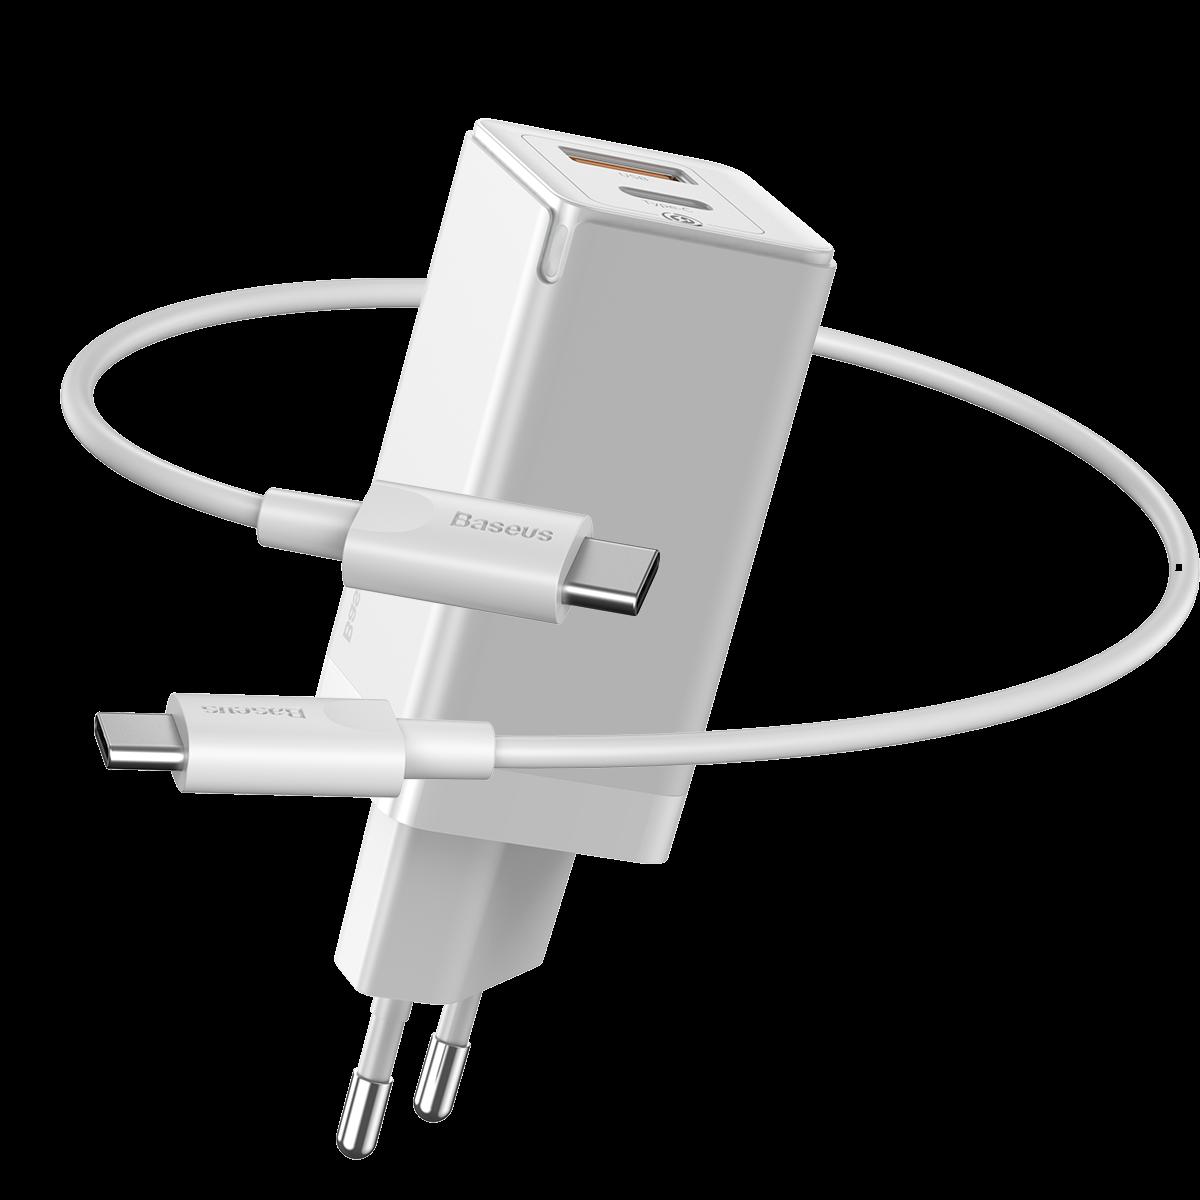 Baseus GaN2 USB-C och USB Väggladdare+USB-C kabel, 45W, 3A, vit